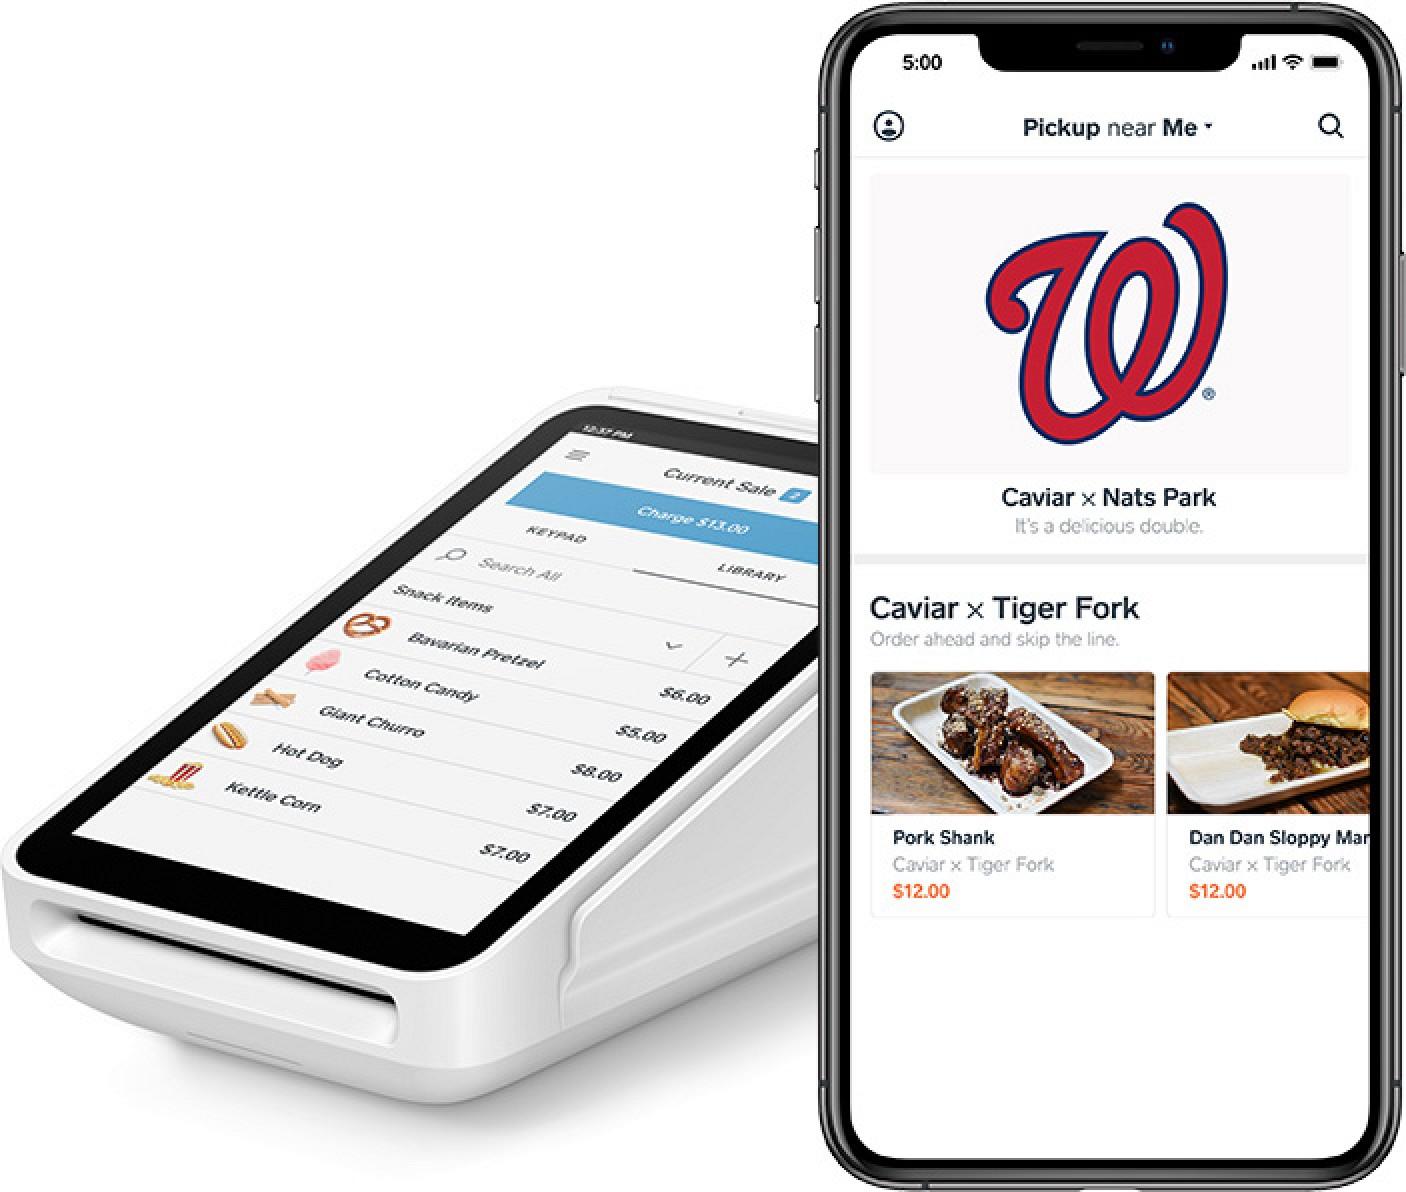 Los fanáticos de los Washington Nationals ahora pueden usar Apple Pay para comprar alimentos y bebidas de sus asientos